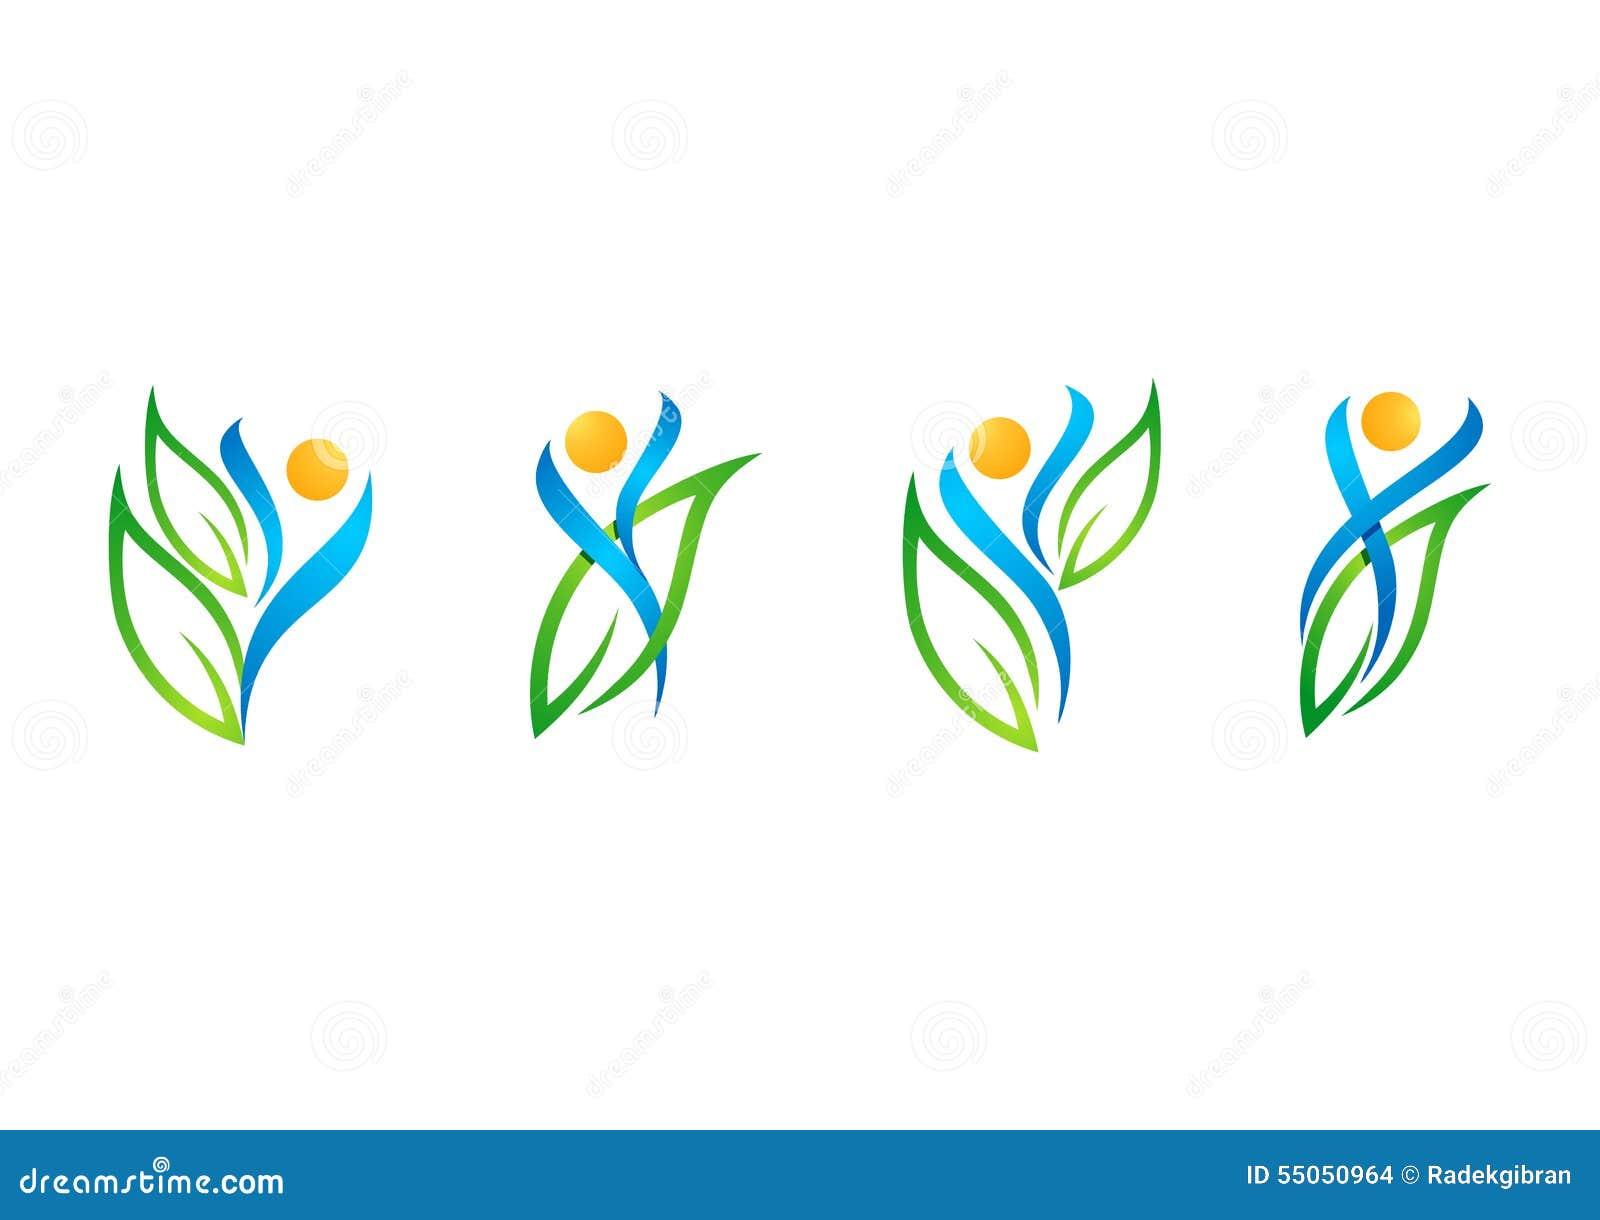 Simbolo Salute E Benessere